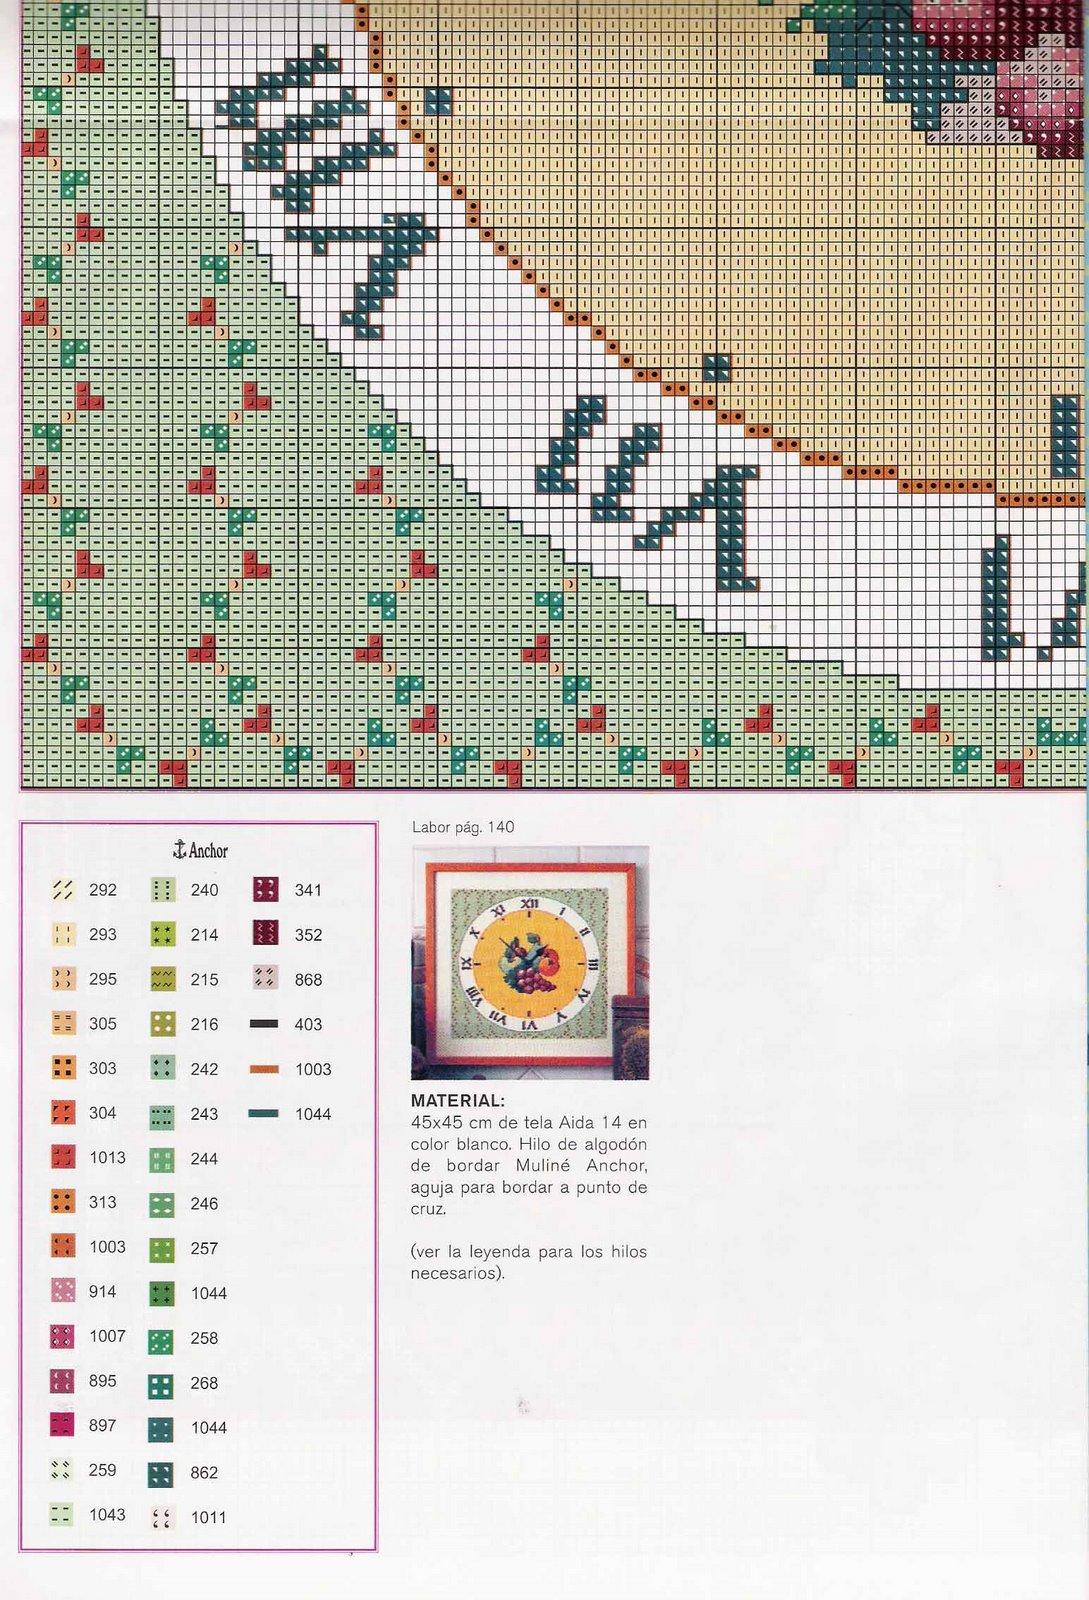 Orologio frutta 1 punto croce uncinetto for Orologio punto croce schemi gratis